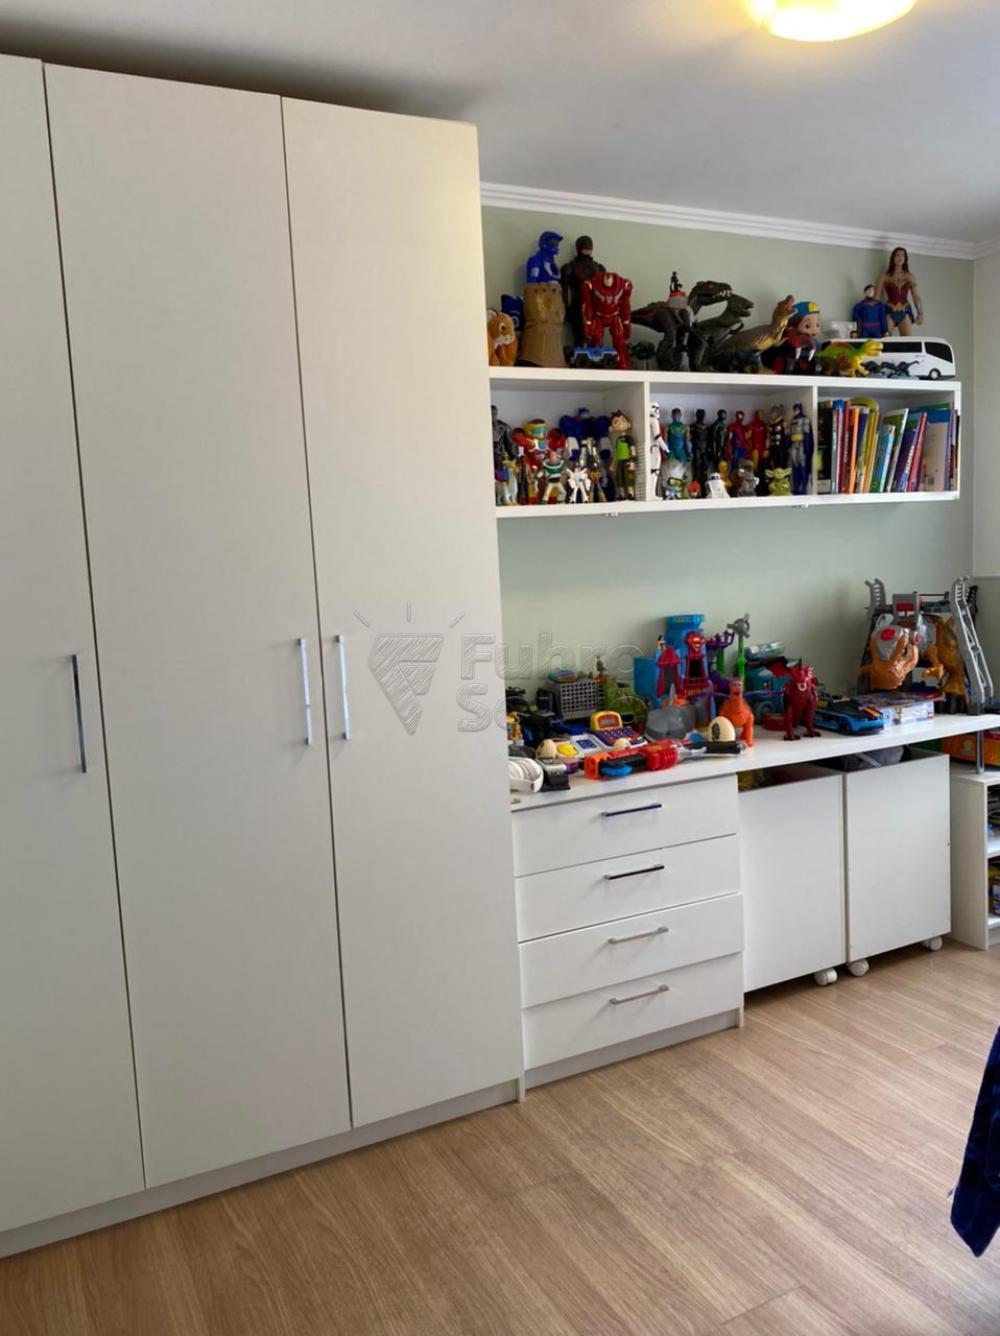 Comprar Apartamento / Padrão em Pelotas R$ 548.000,00 - Foto 16